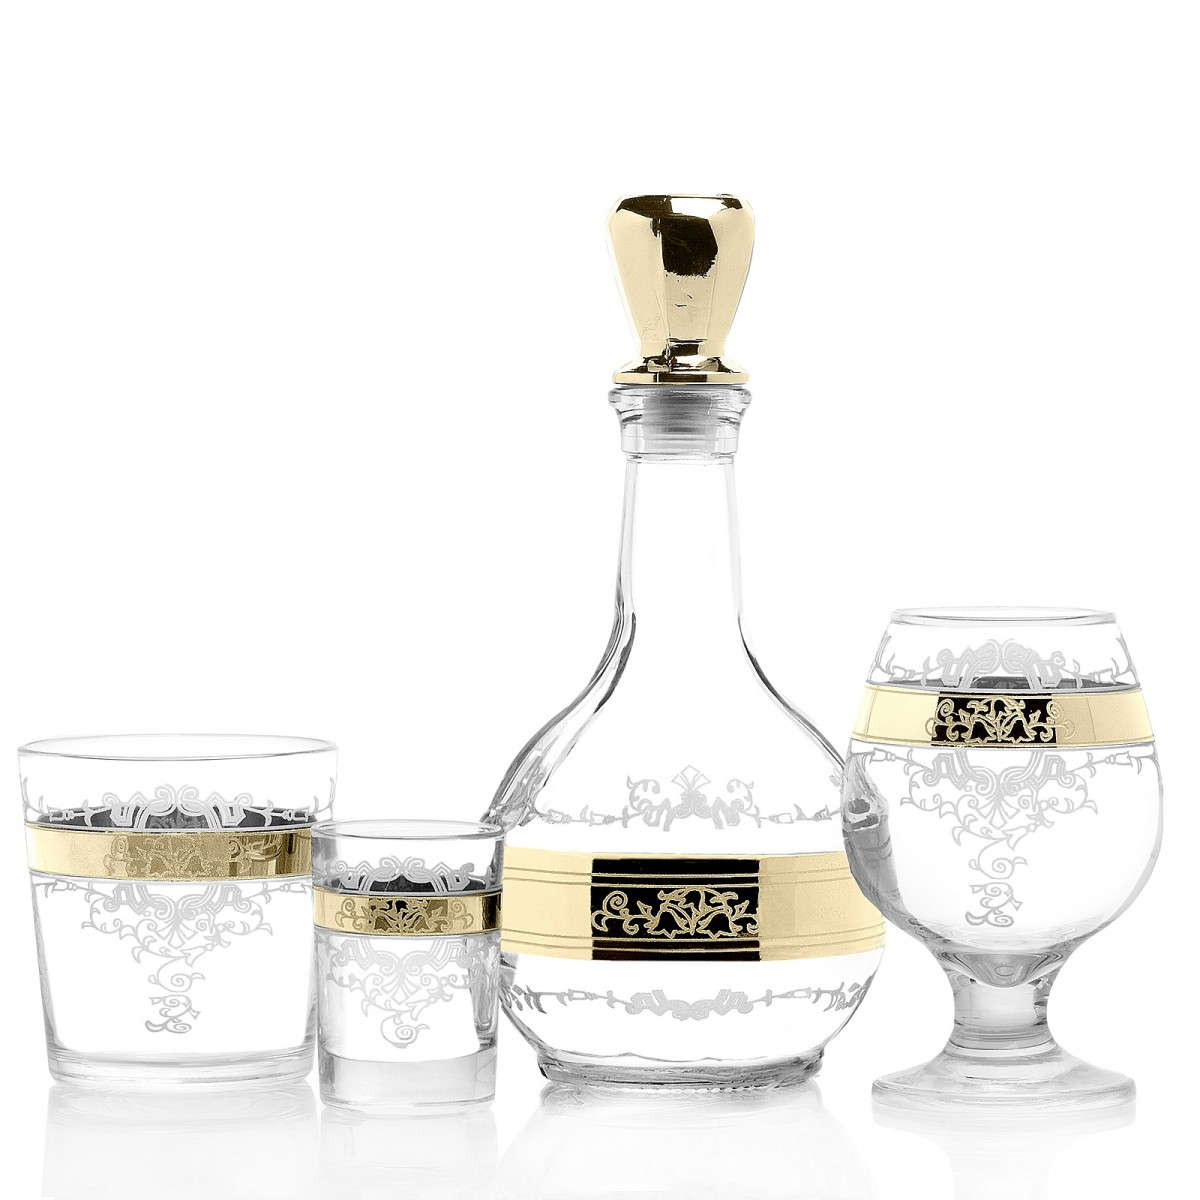 GN13_01_1740_414_22 Набор 19 предметов «Медальон» (1 графин + 6 бренди + 6 стаканов + 6 стопок)